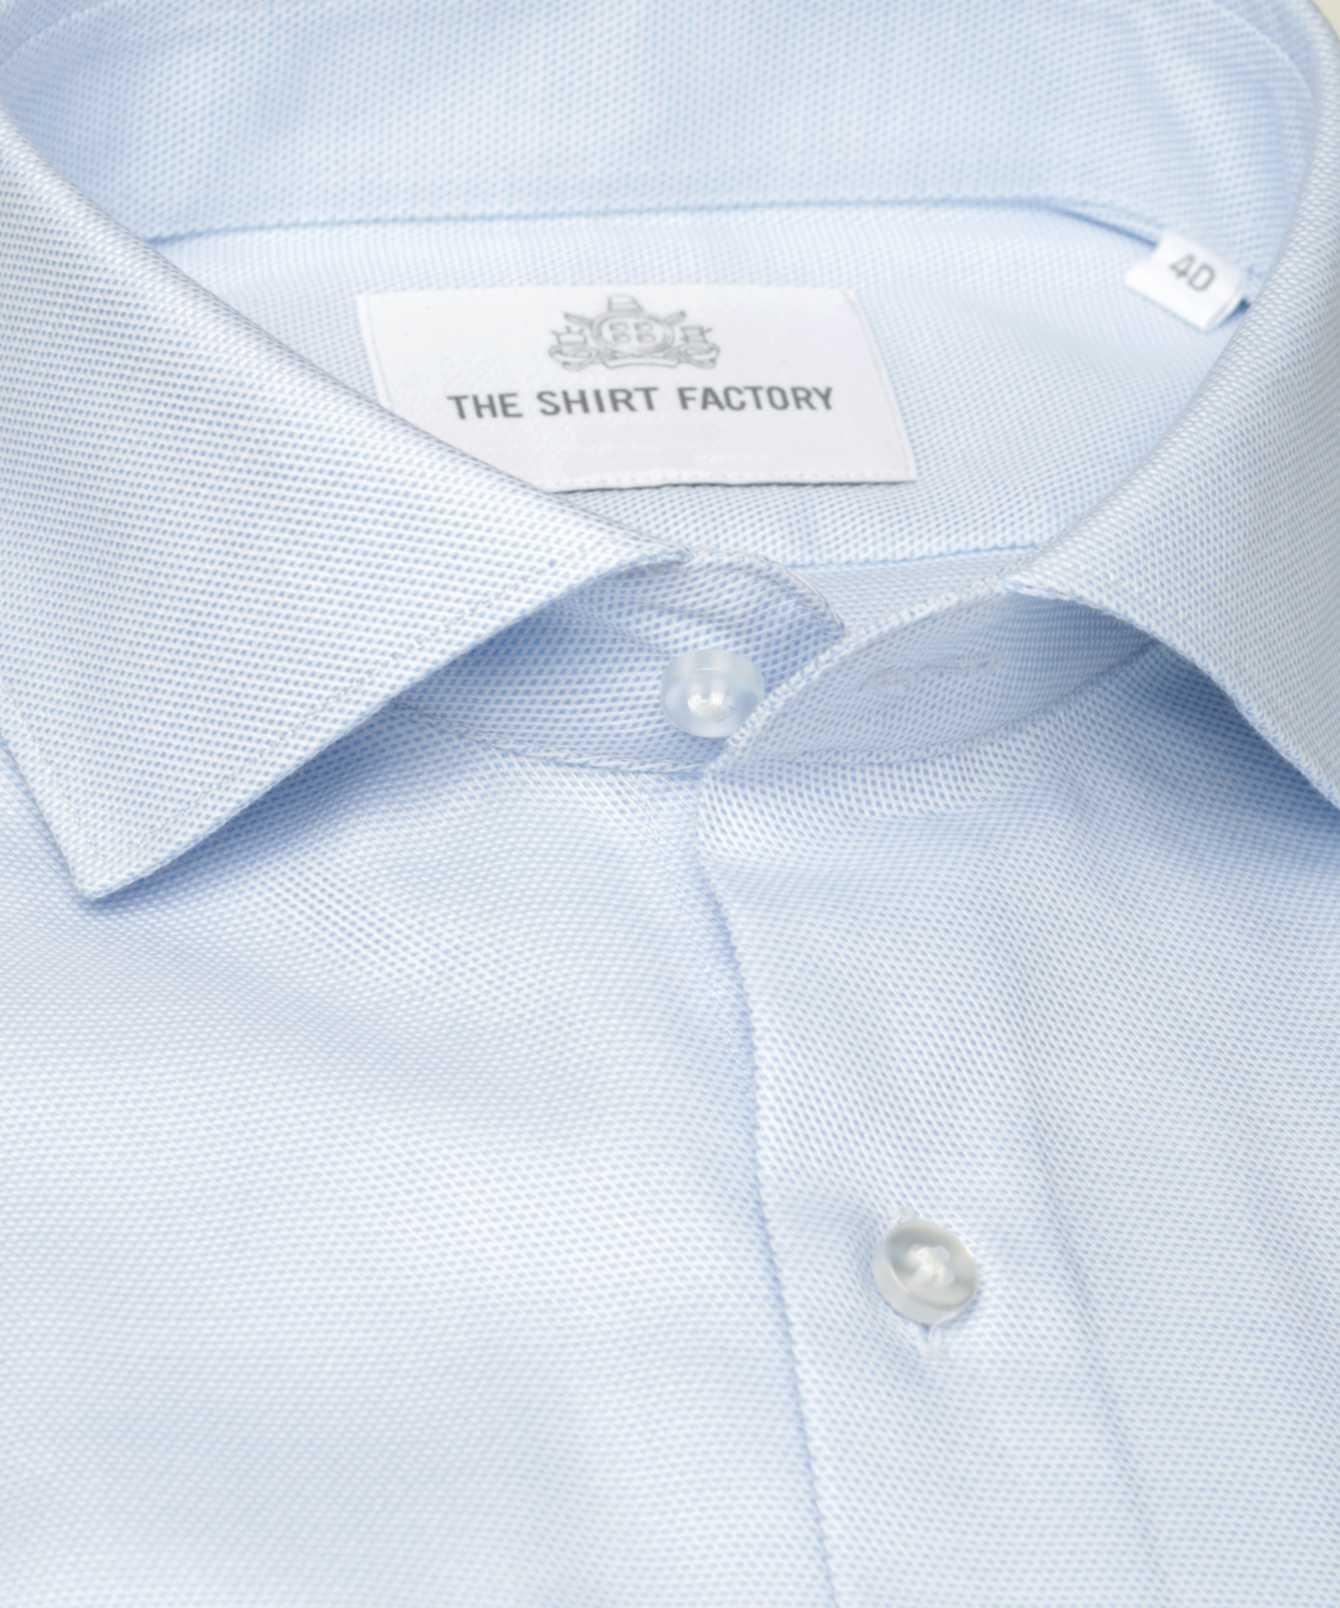 Shirt Paramount The Shirt Factory